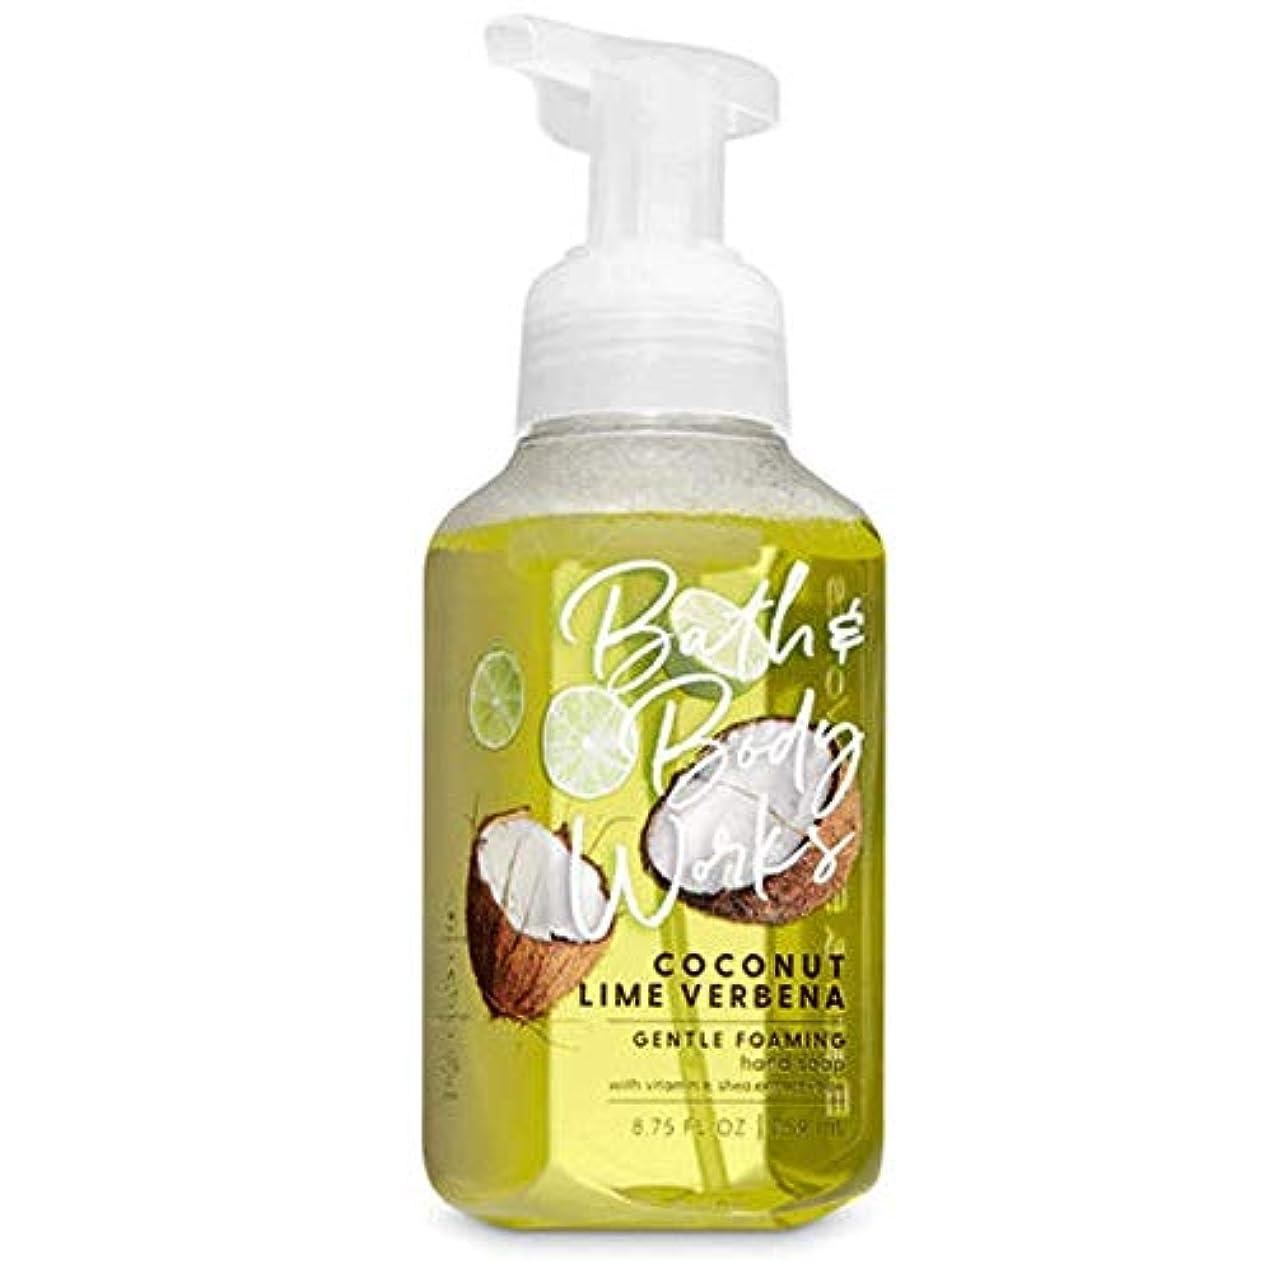 米国へこみ文明化するバス&ボディワークス ココナッツライムバーベナ ジェントル フォーミング ハンドソープ Coconut Lime Verbena Gentle Foaming Hand Soap